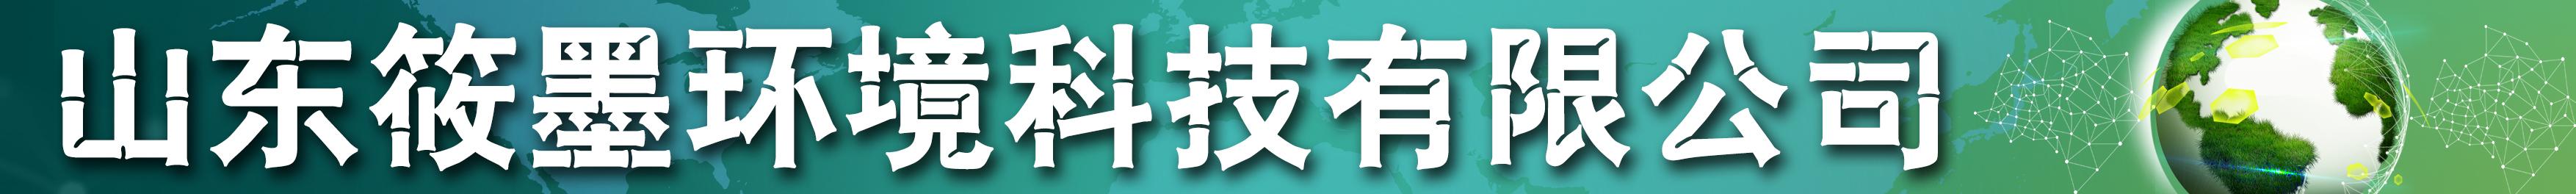 山东筱墨环境科技有限公司